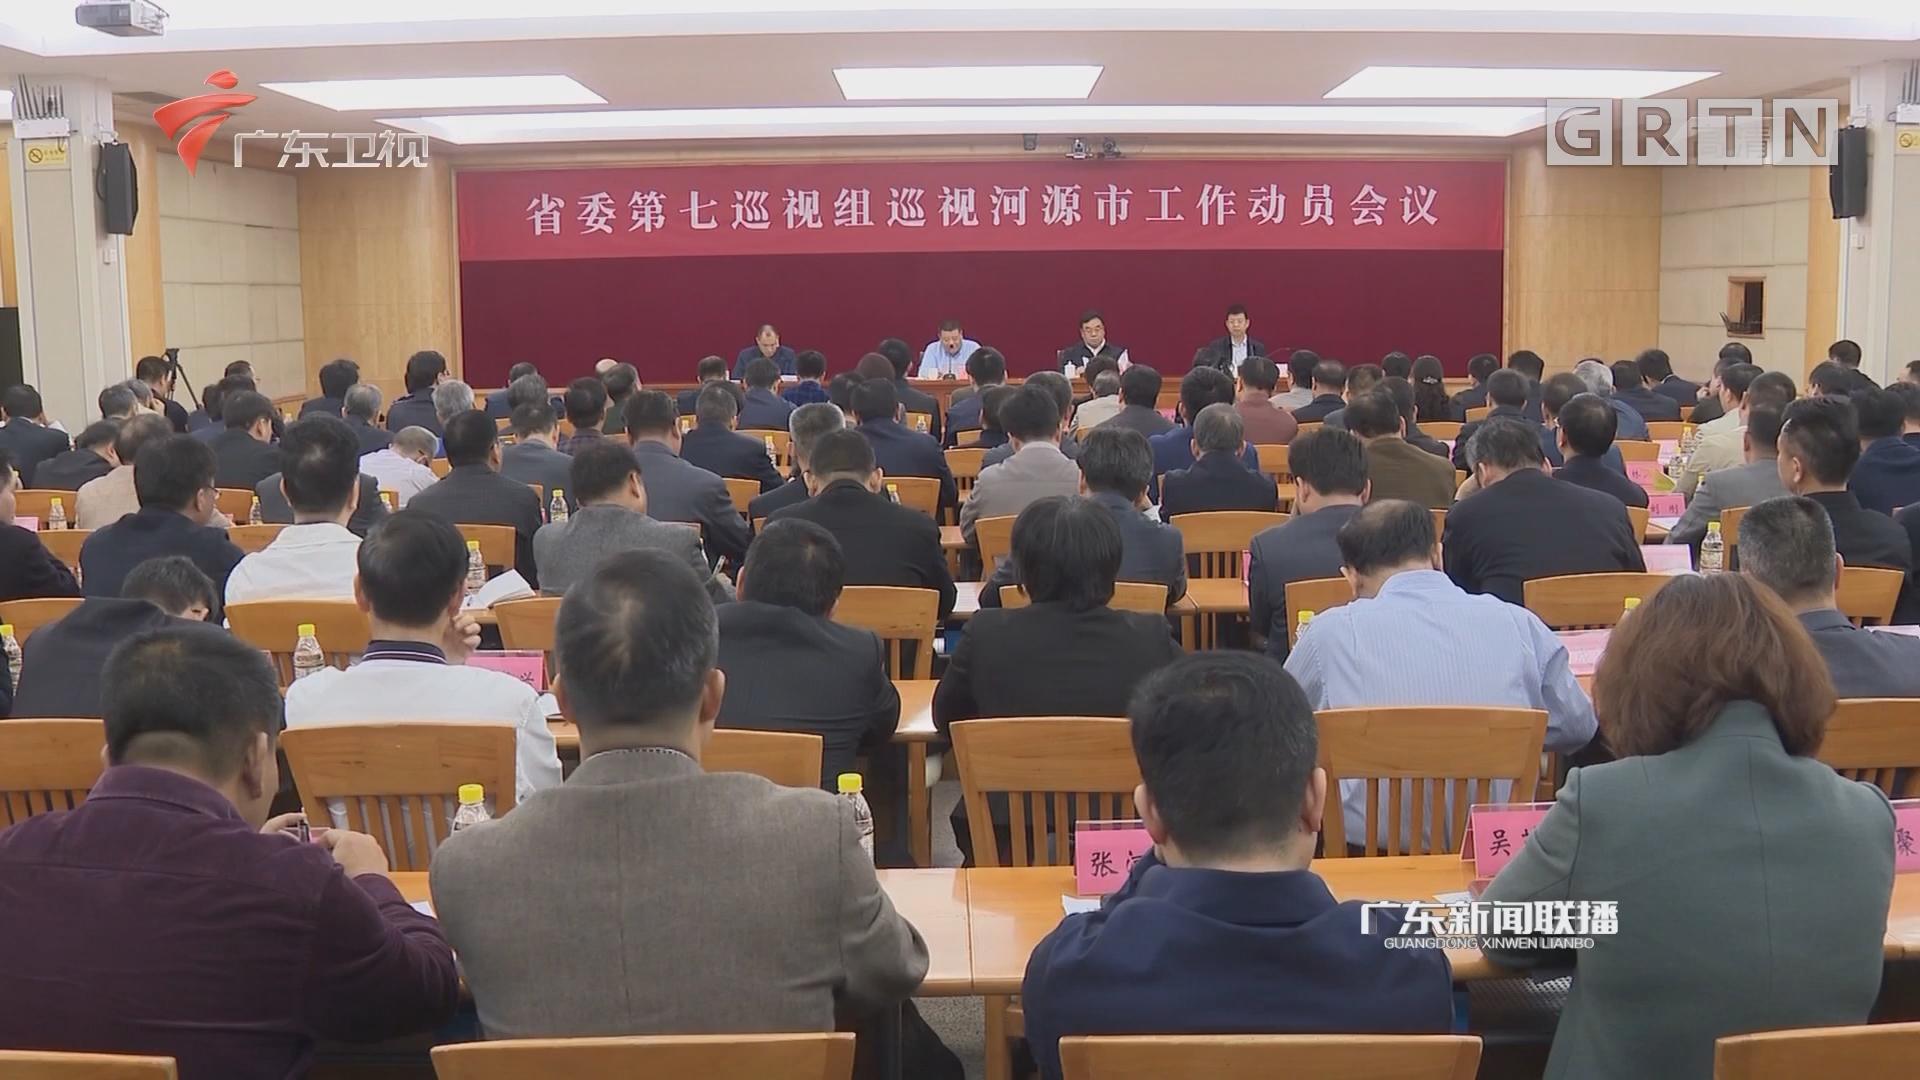 十二届省委第二轮巡视全部完成进驻